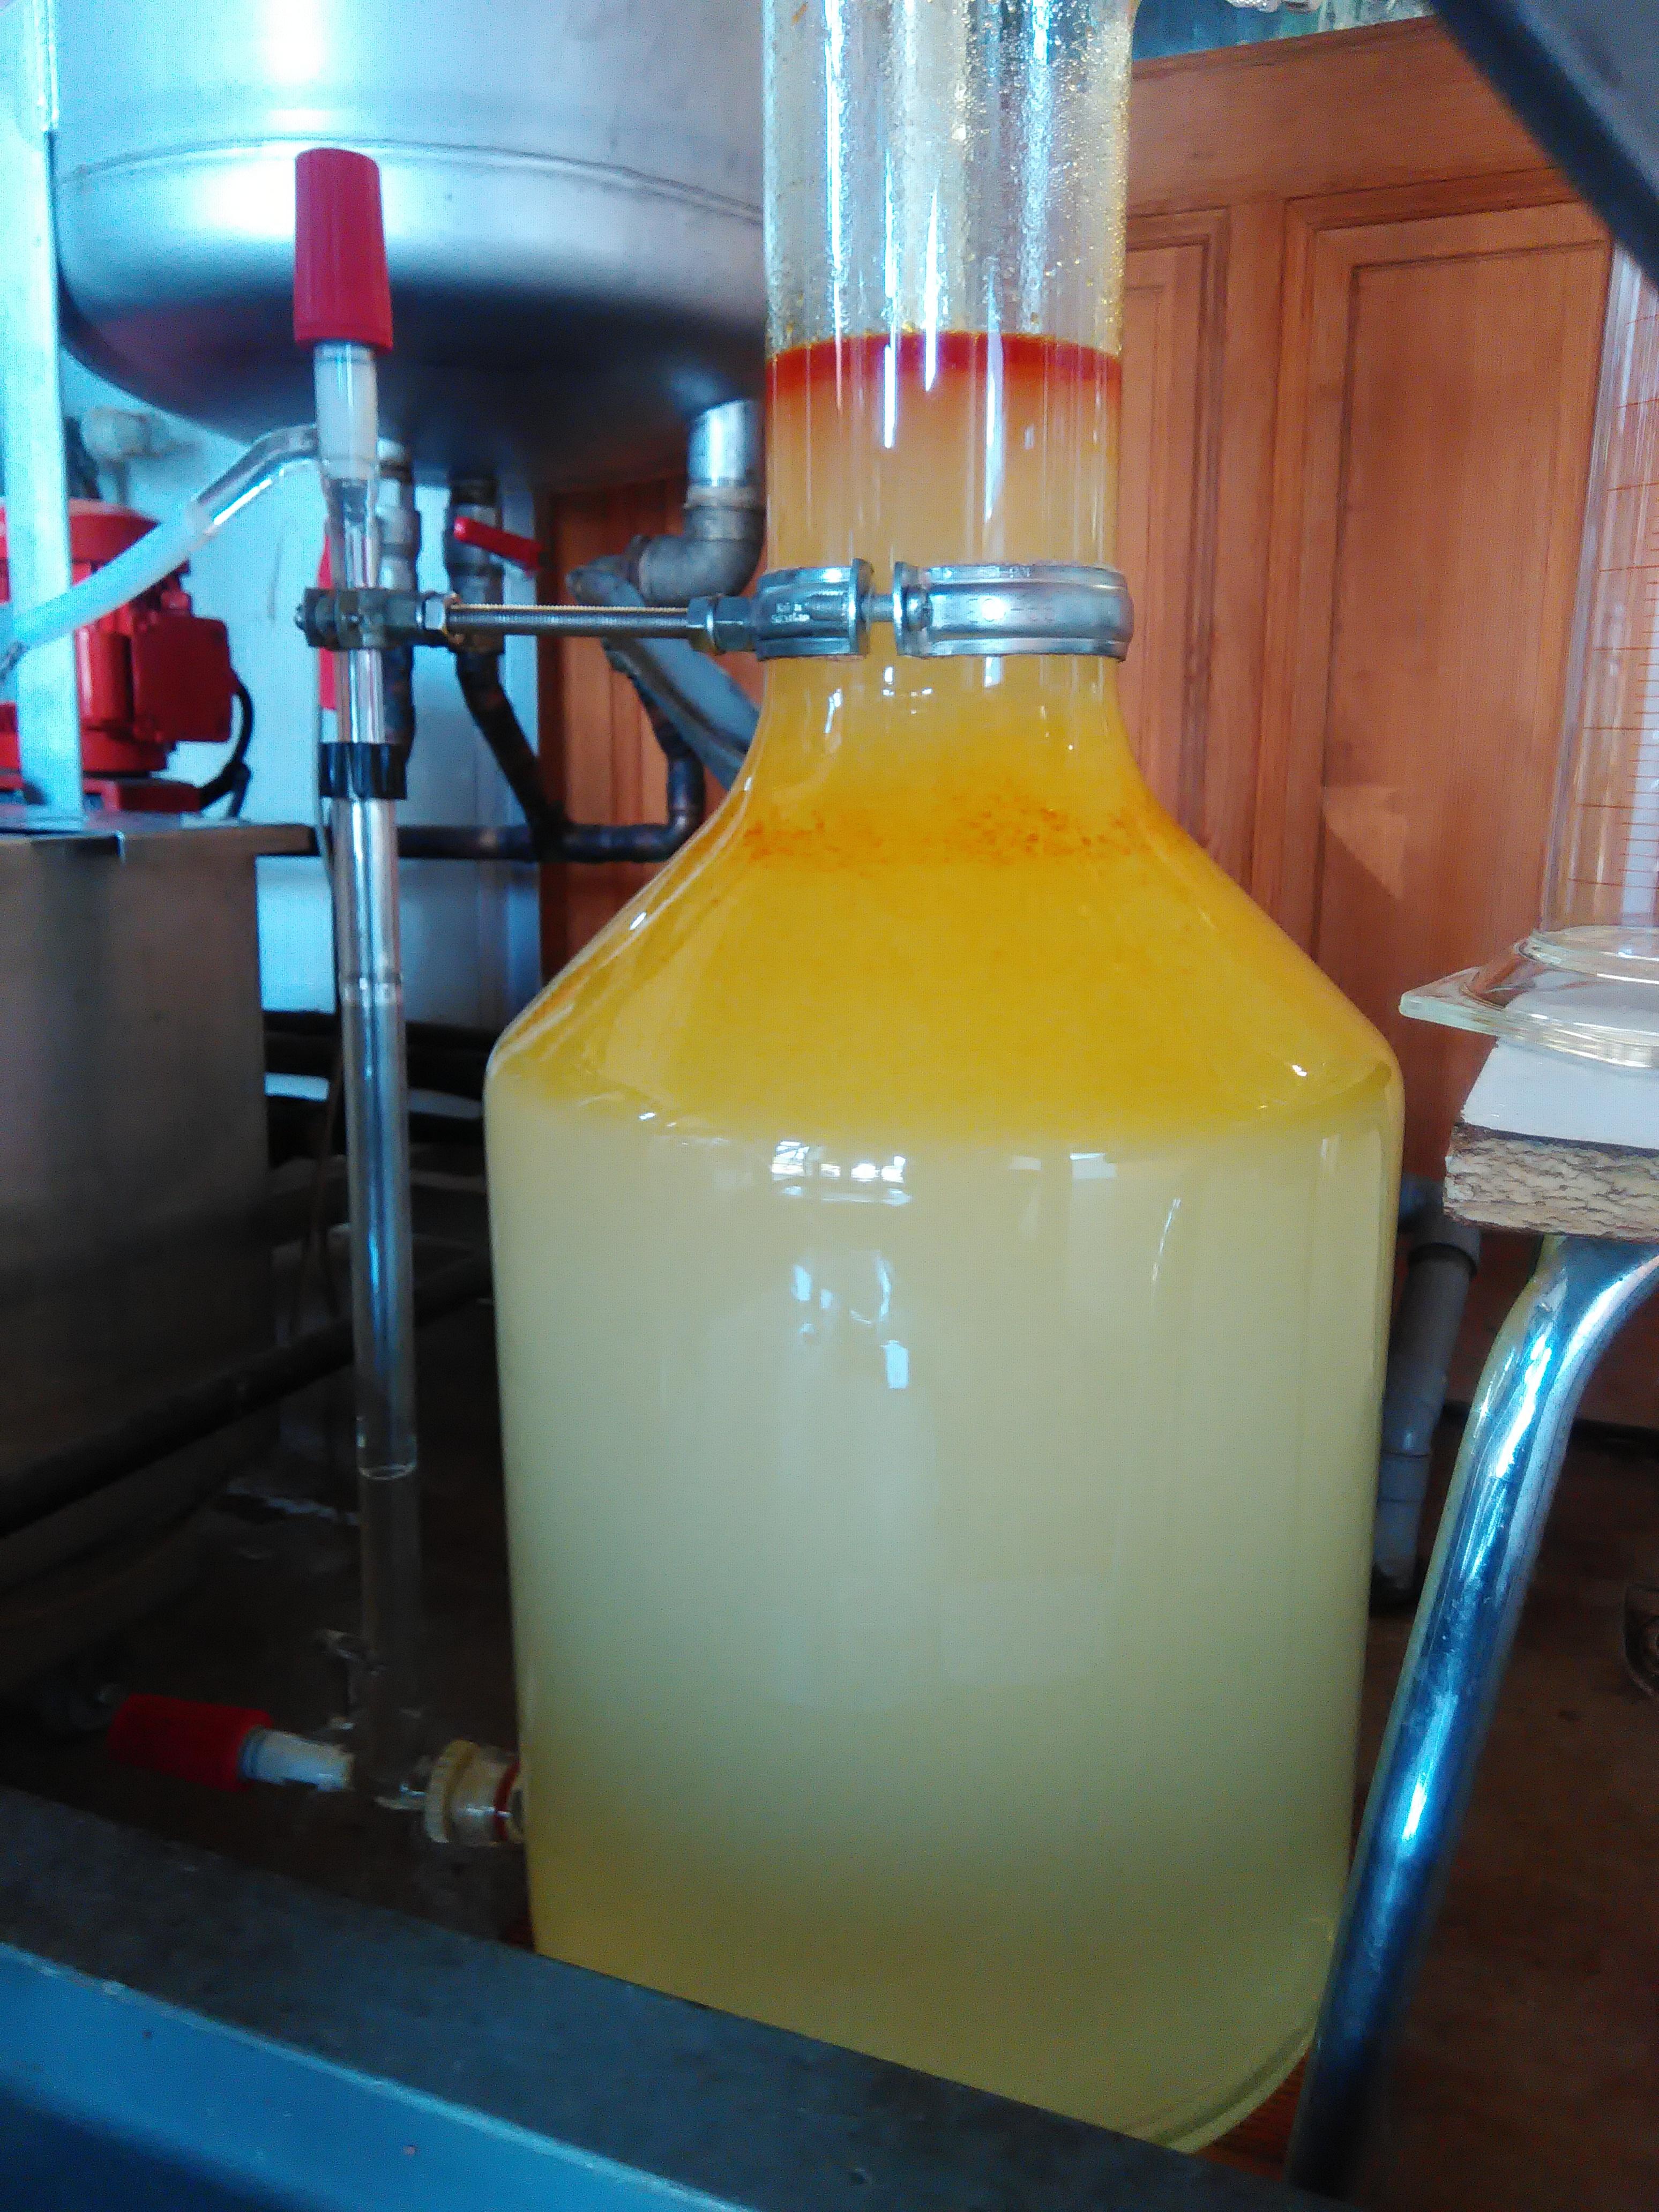 Notre essencier montrant l'huile essentielle qui surnage, rouge au dessus et jaune en dessous